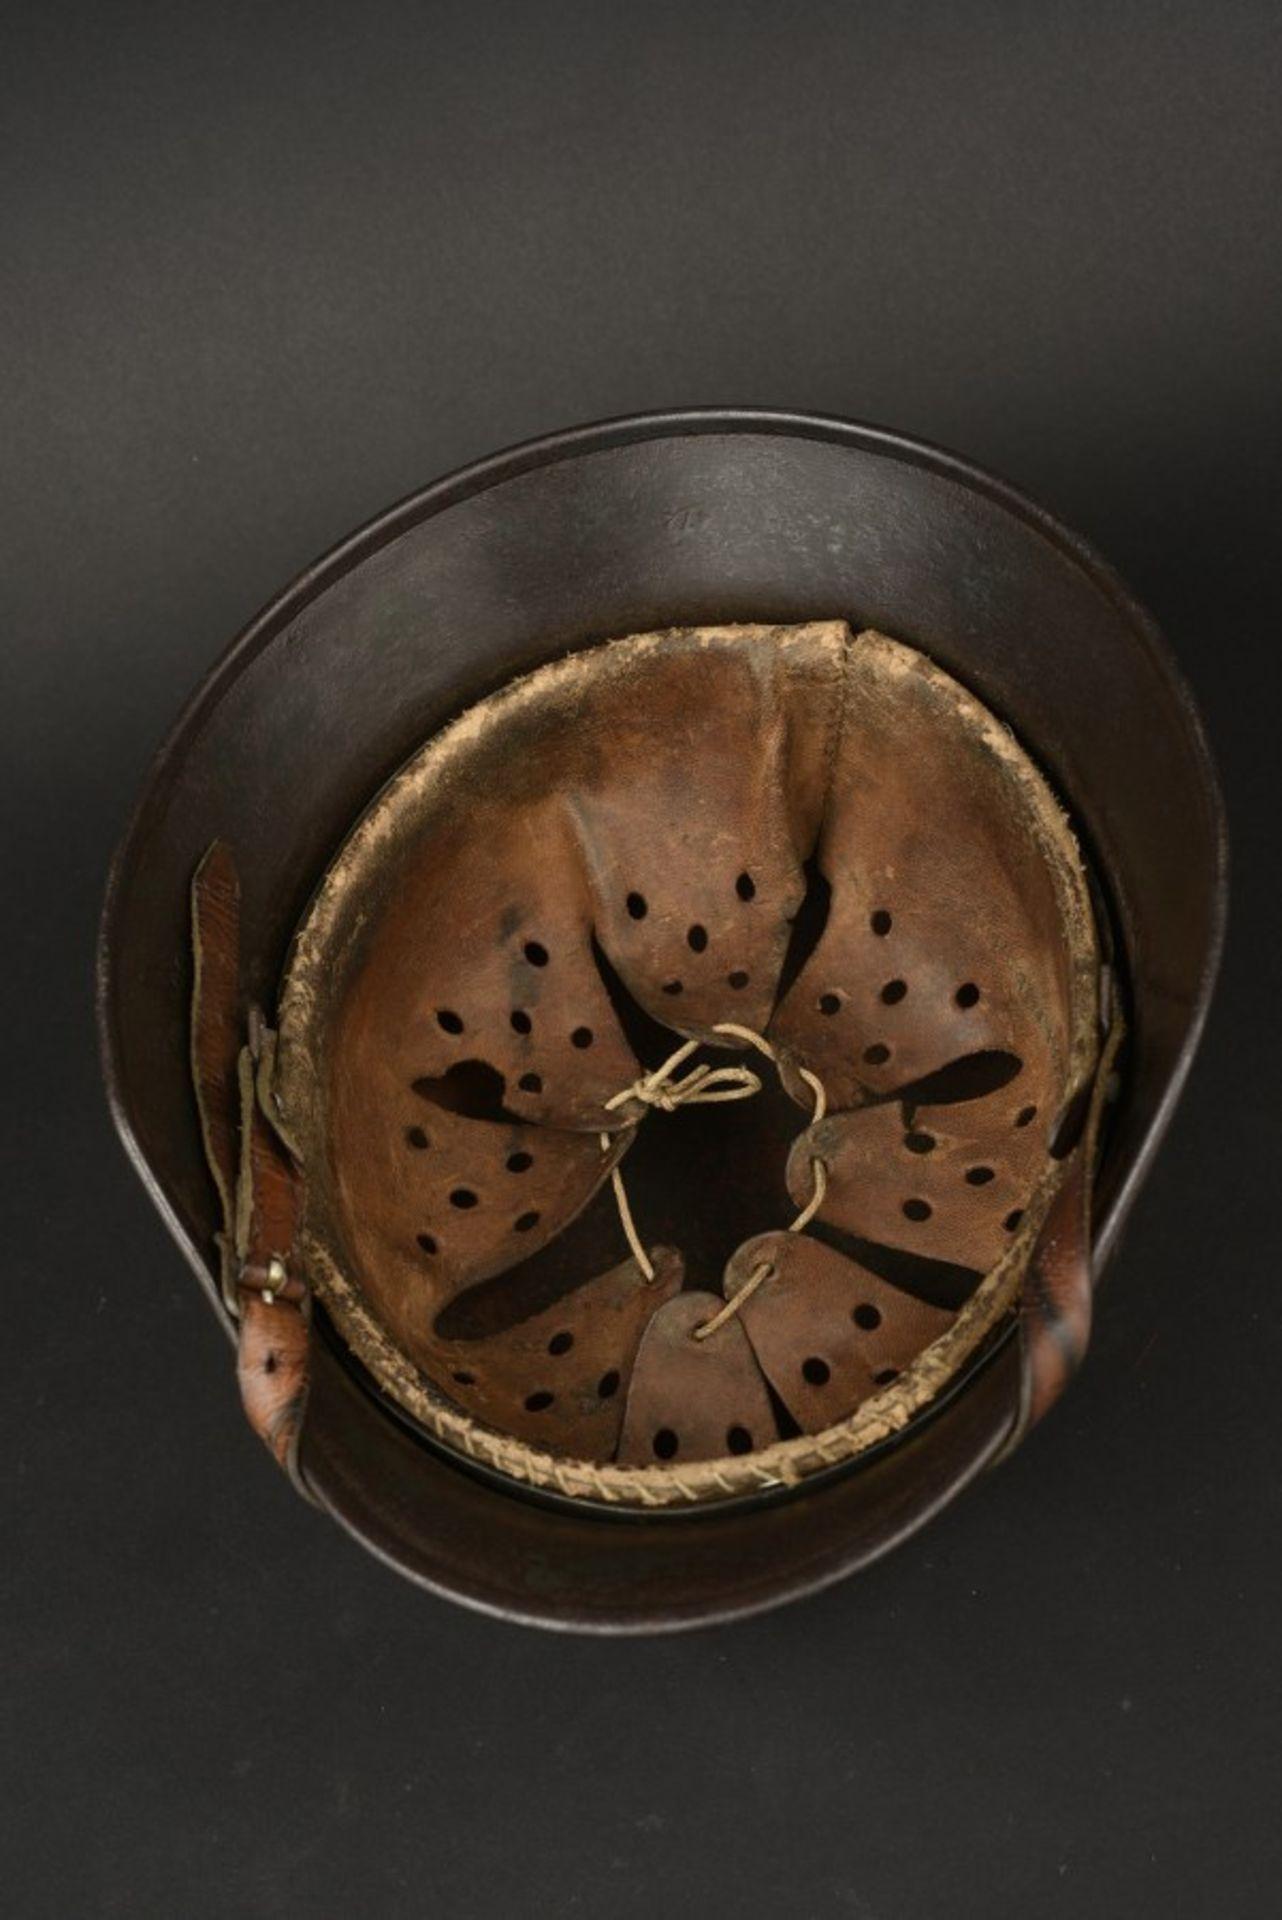 Casque SS camouflé double insigne du SS Ostuf A Linke. Helmet belonging to Ostuf A. Linke, bearing - Bild 3 aus 4